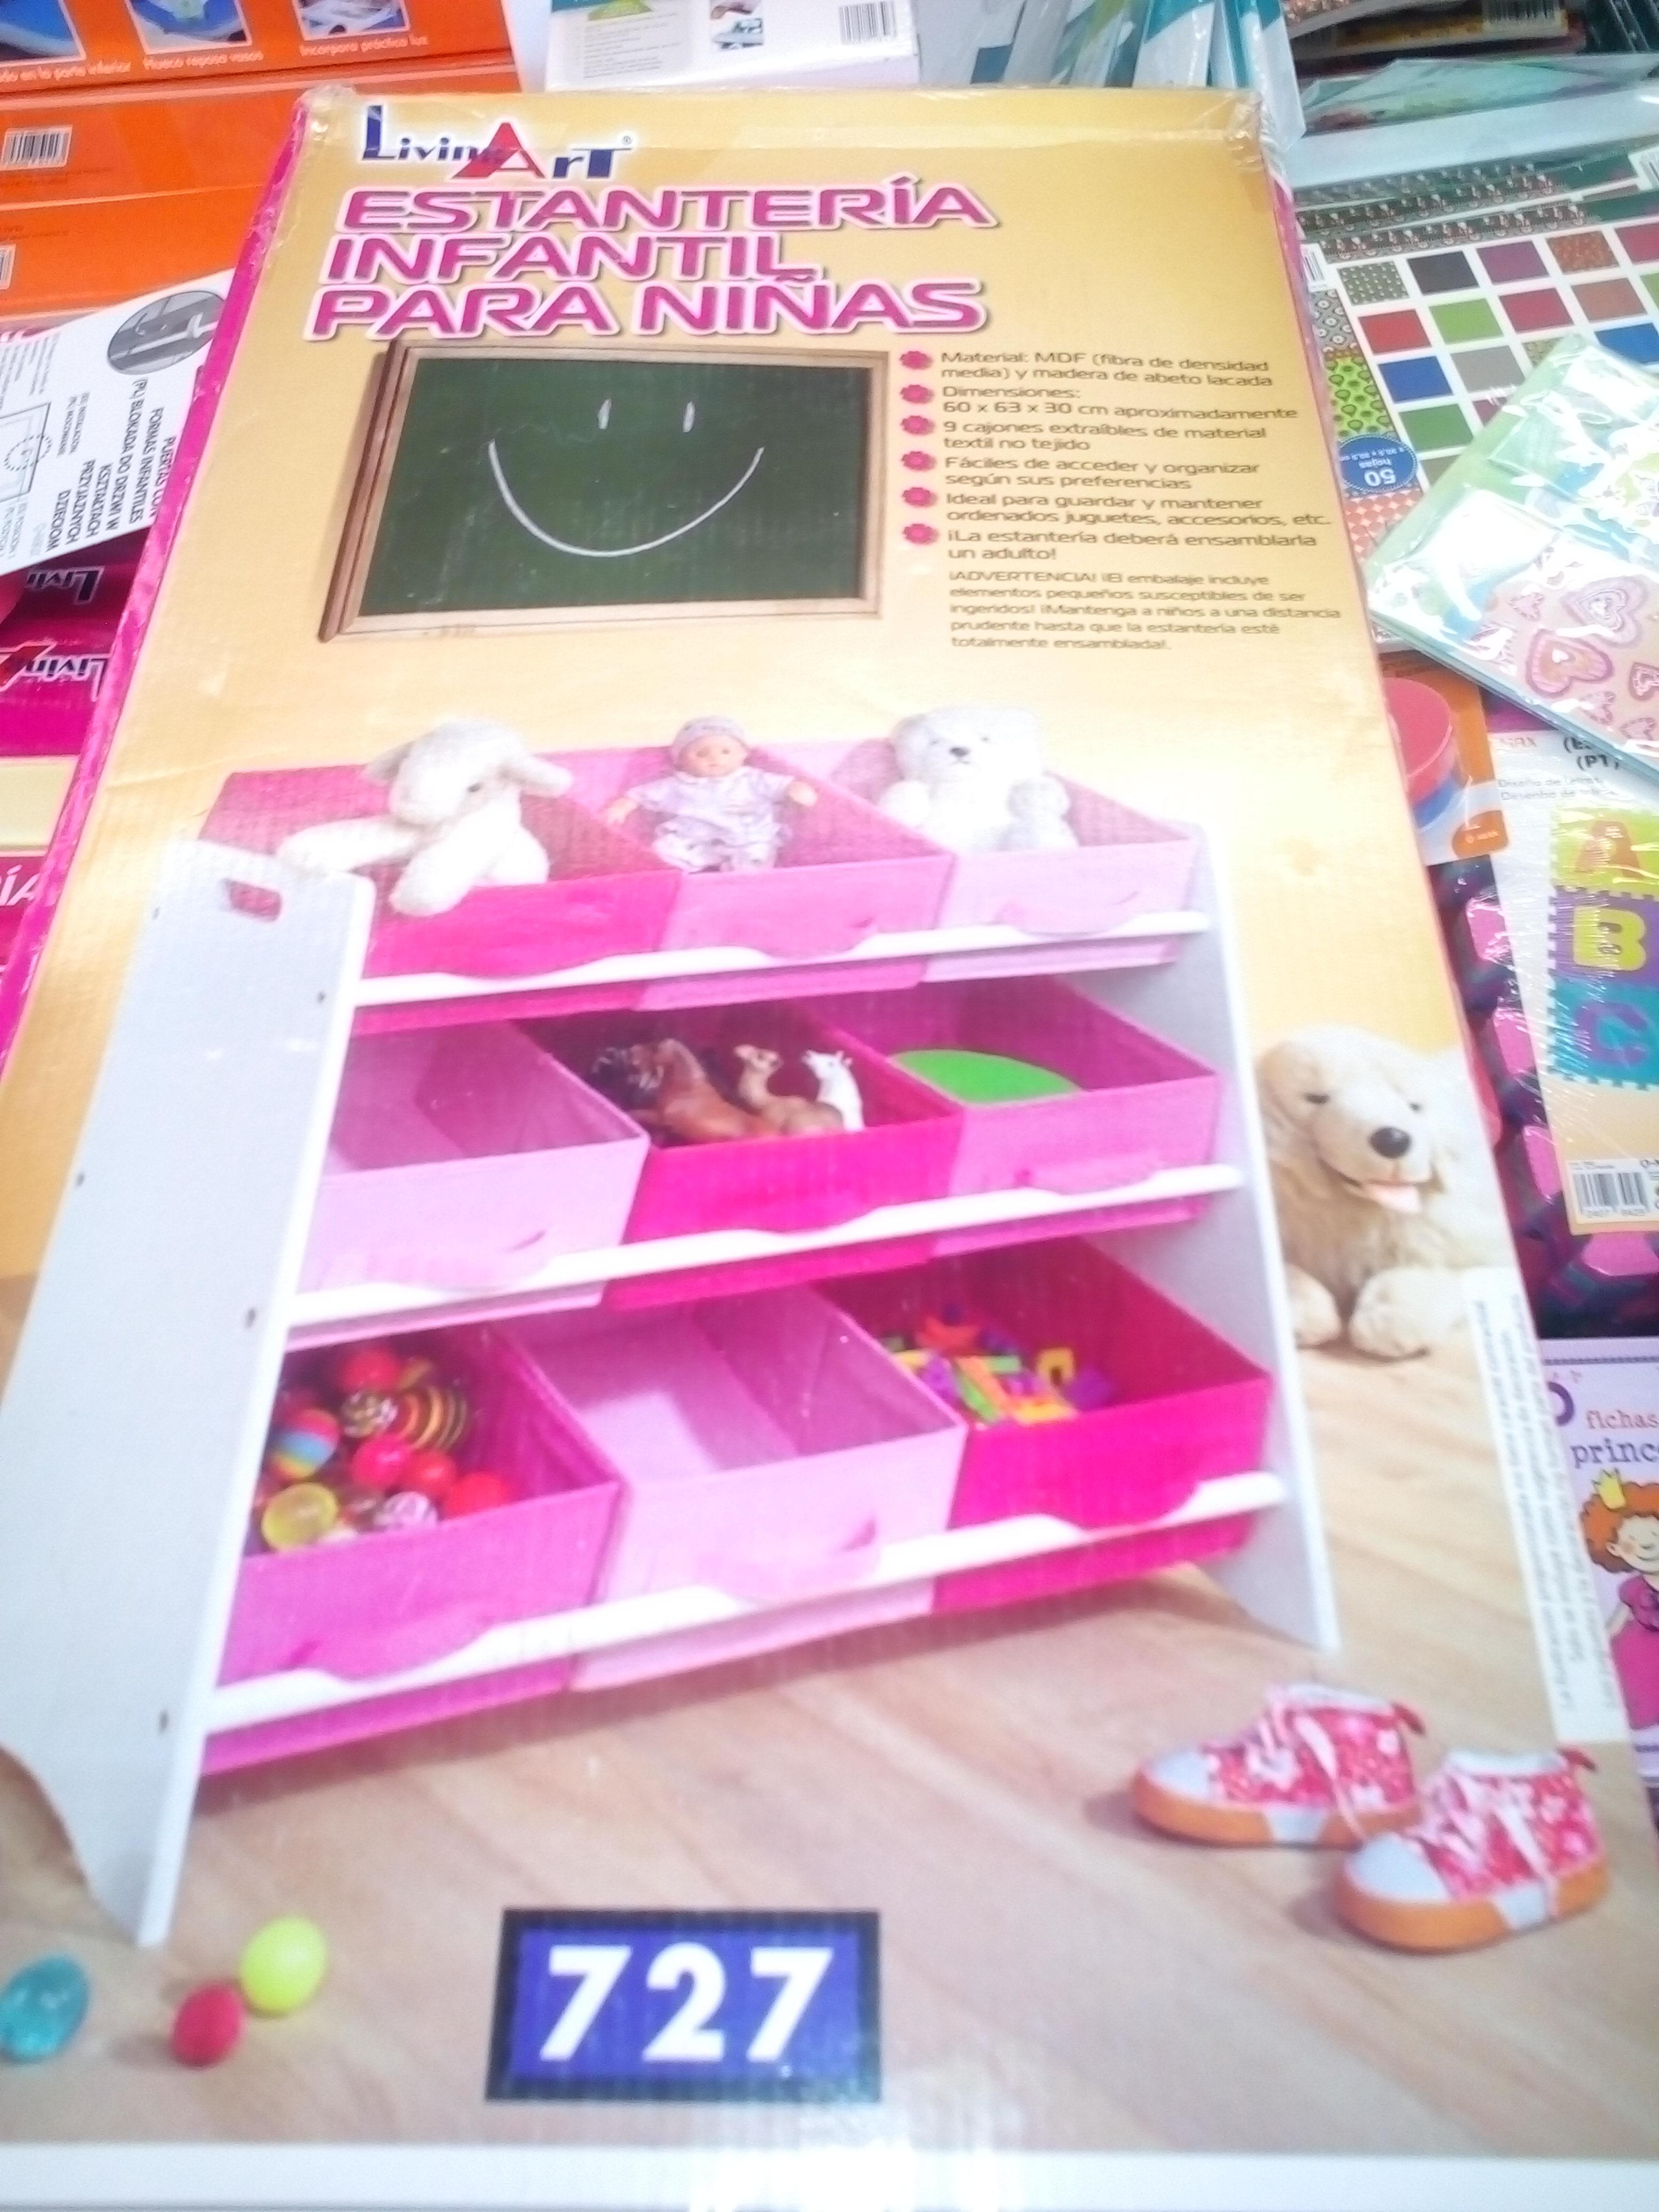 Juguetes y mobiliario sexistas felizenbrazos - Estanterias para guardar juguetes ...